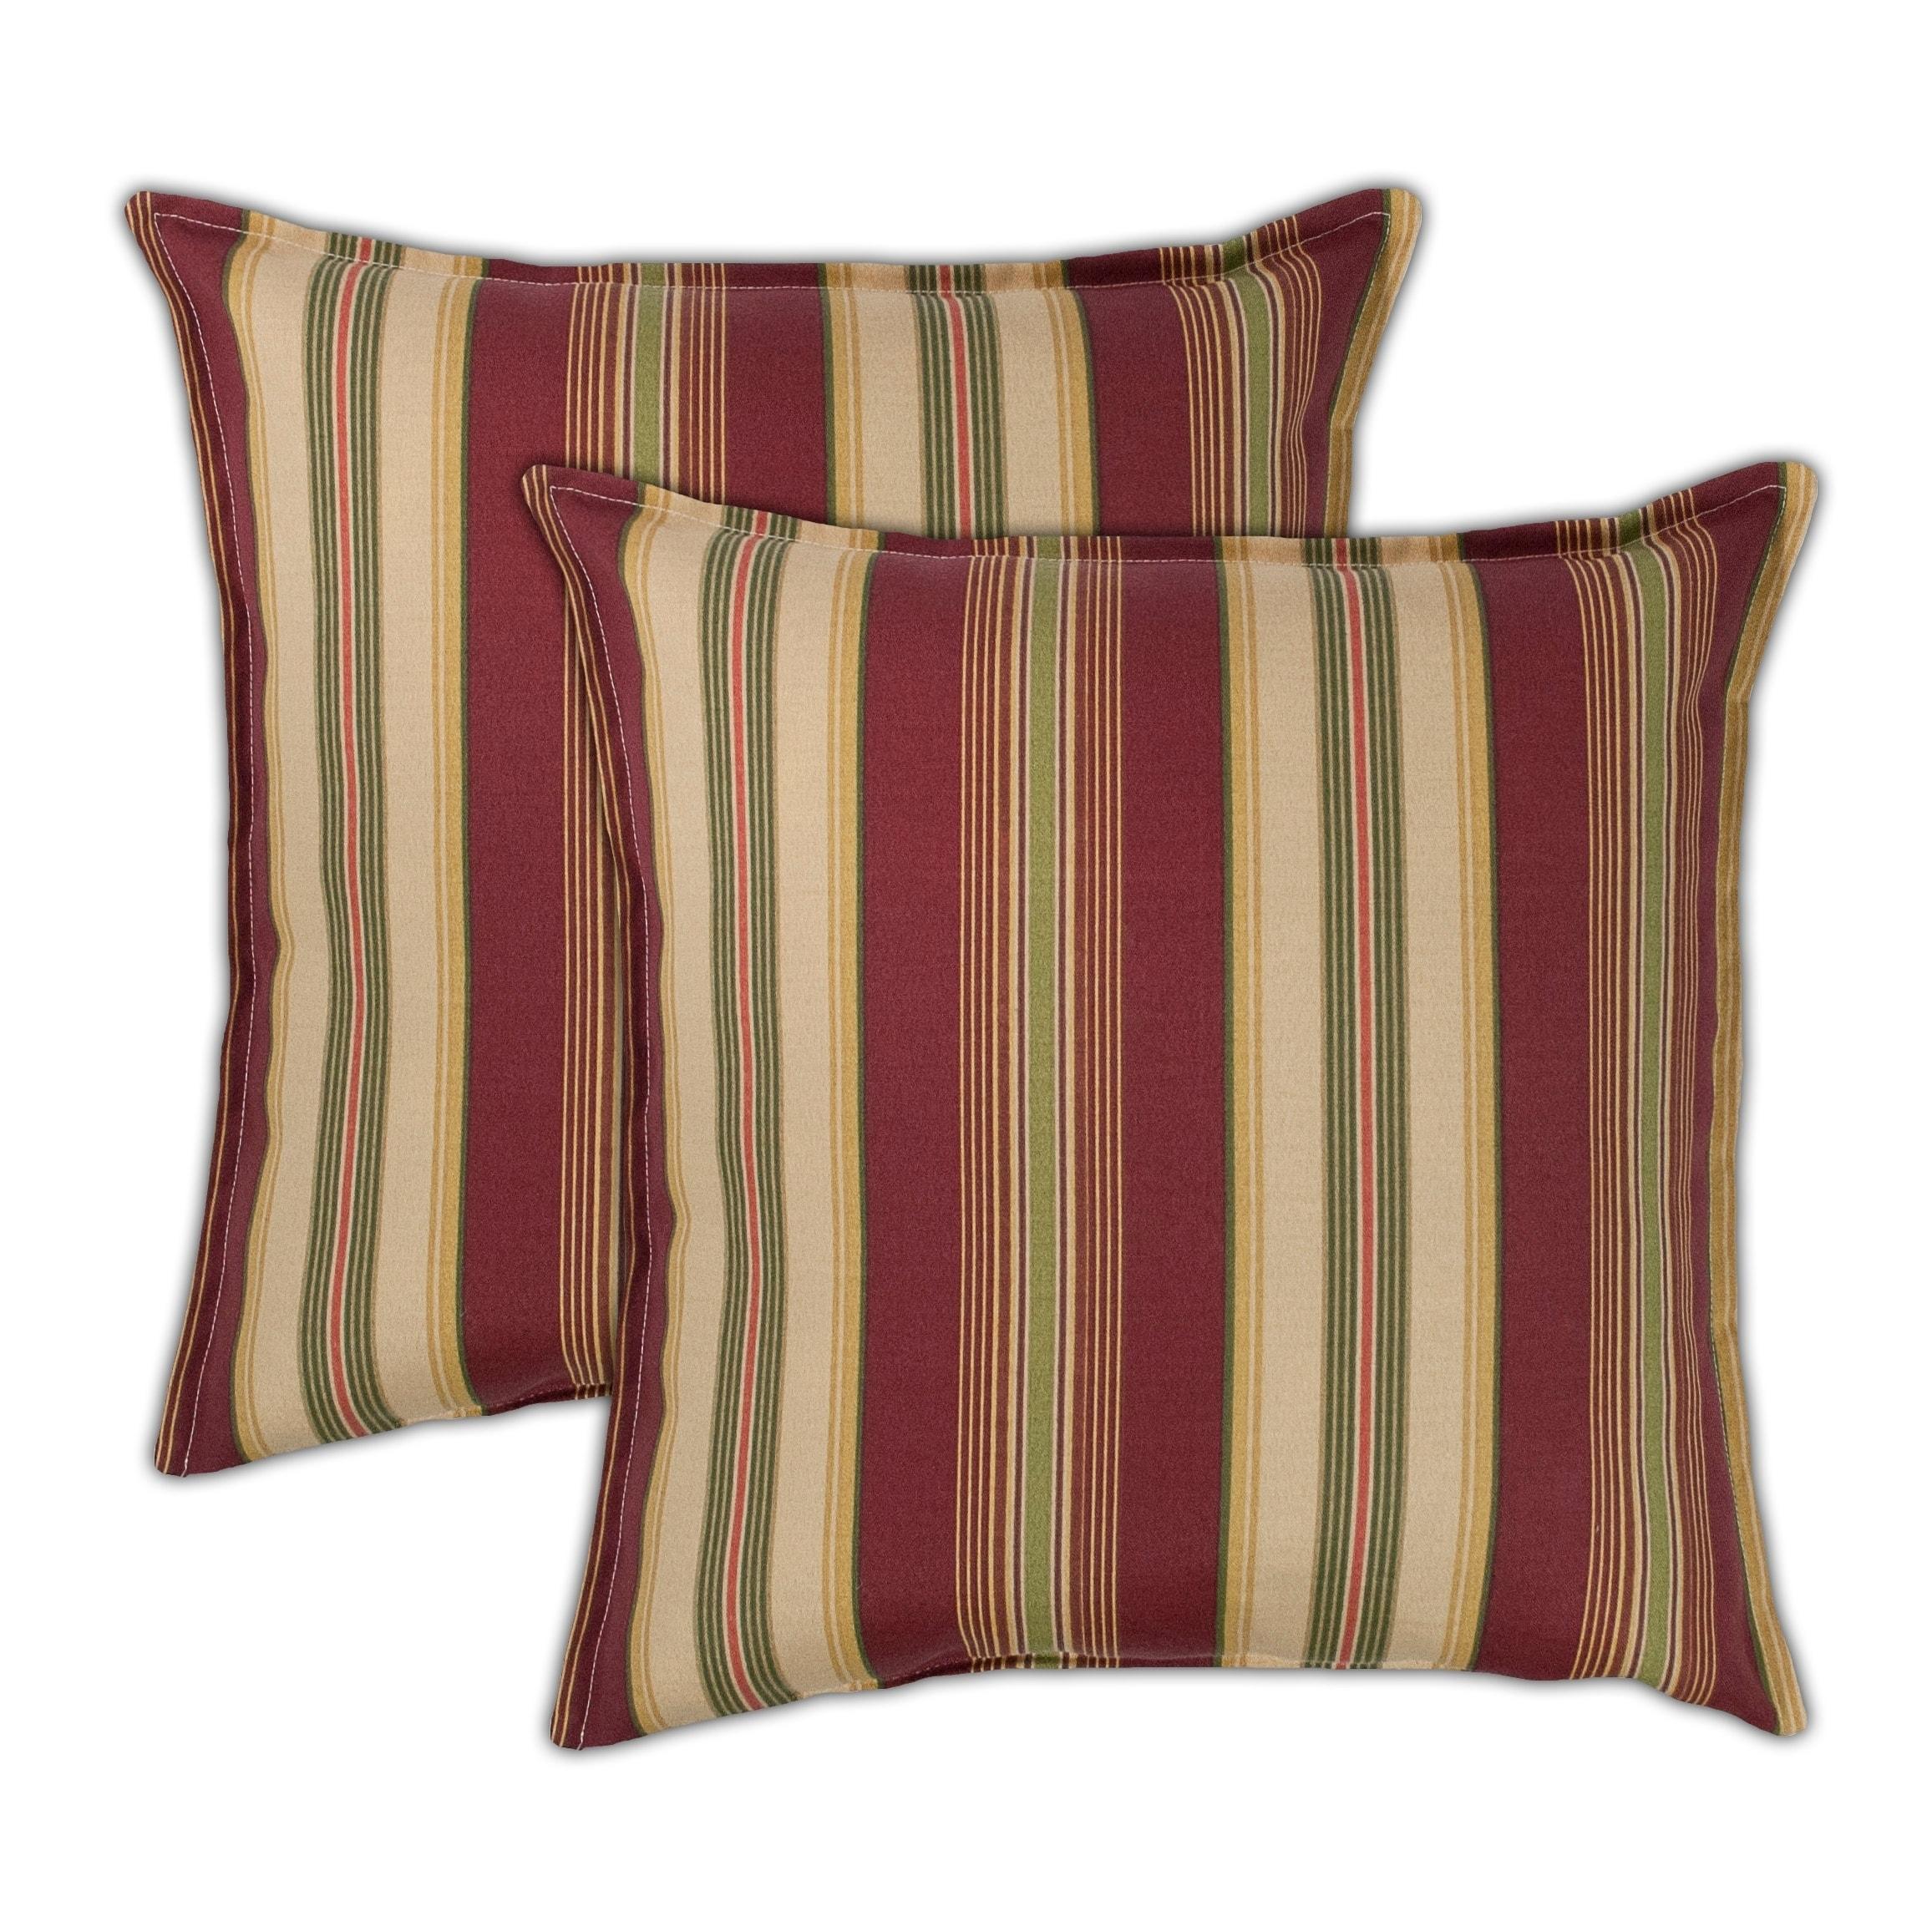 Sherry Kline Roxbury 20-inch Outdoor Pillows (Set of 2) - 20 X 20